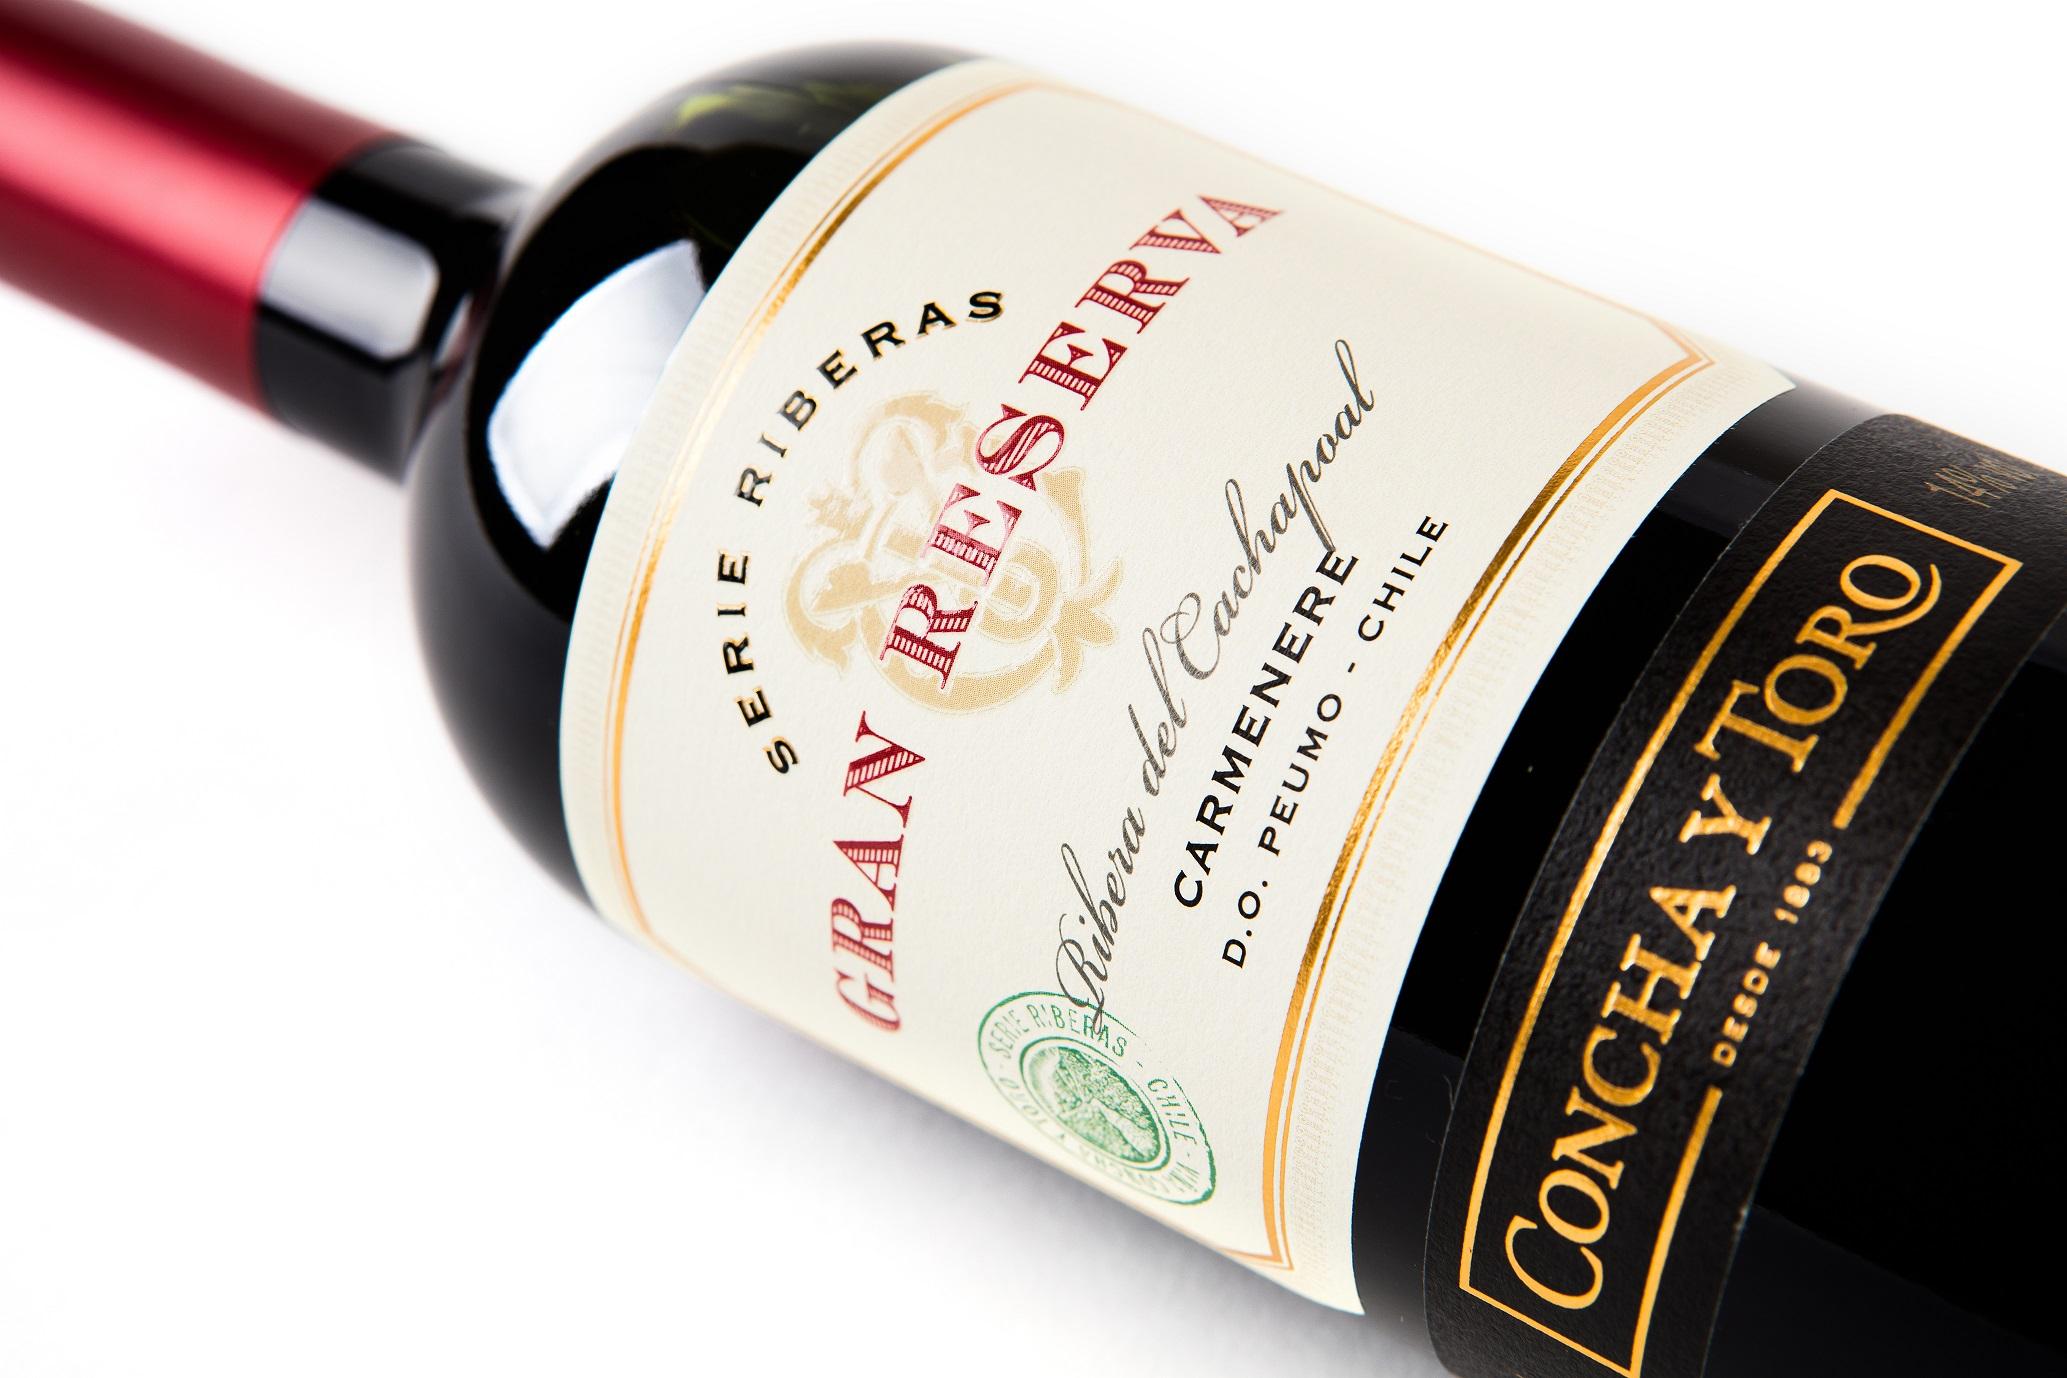 Riberas Carmenere 2016 entra en el listado de Wine Spectator